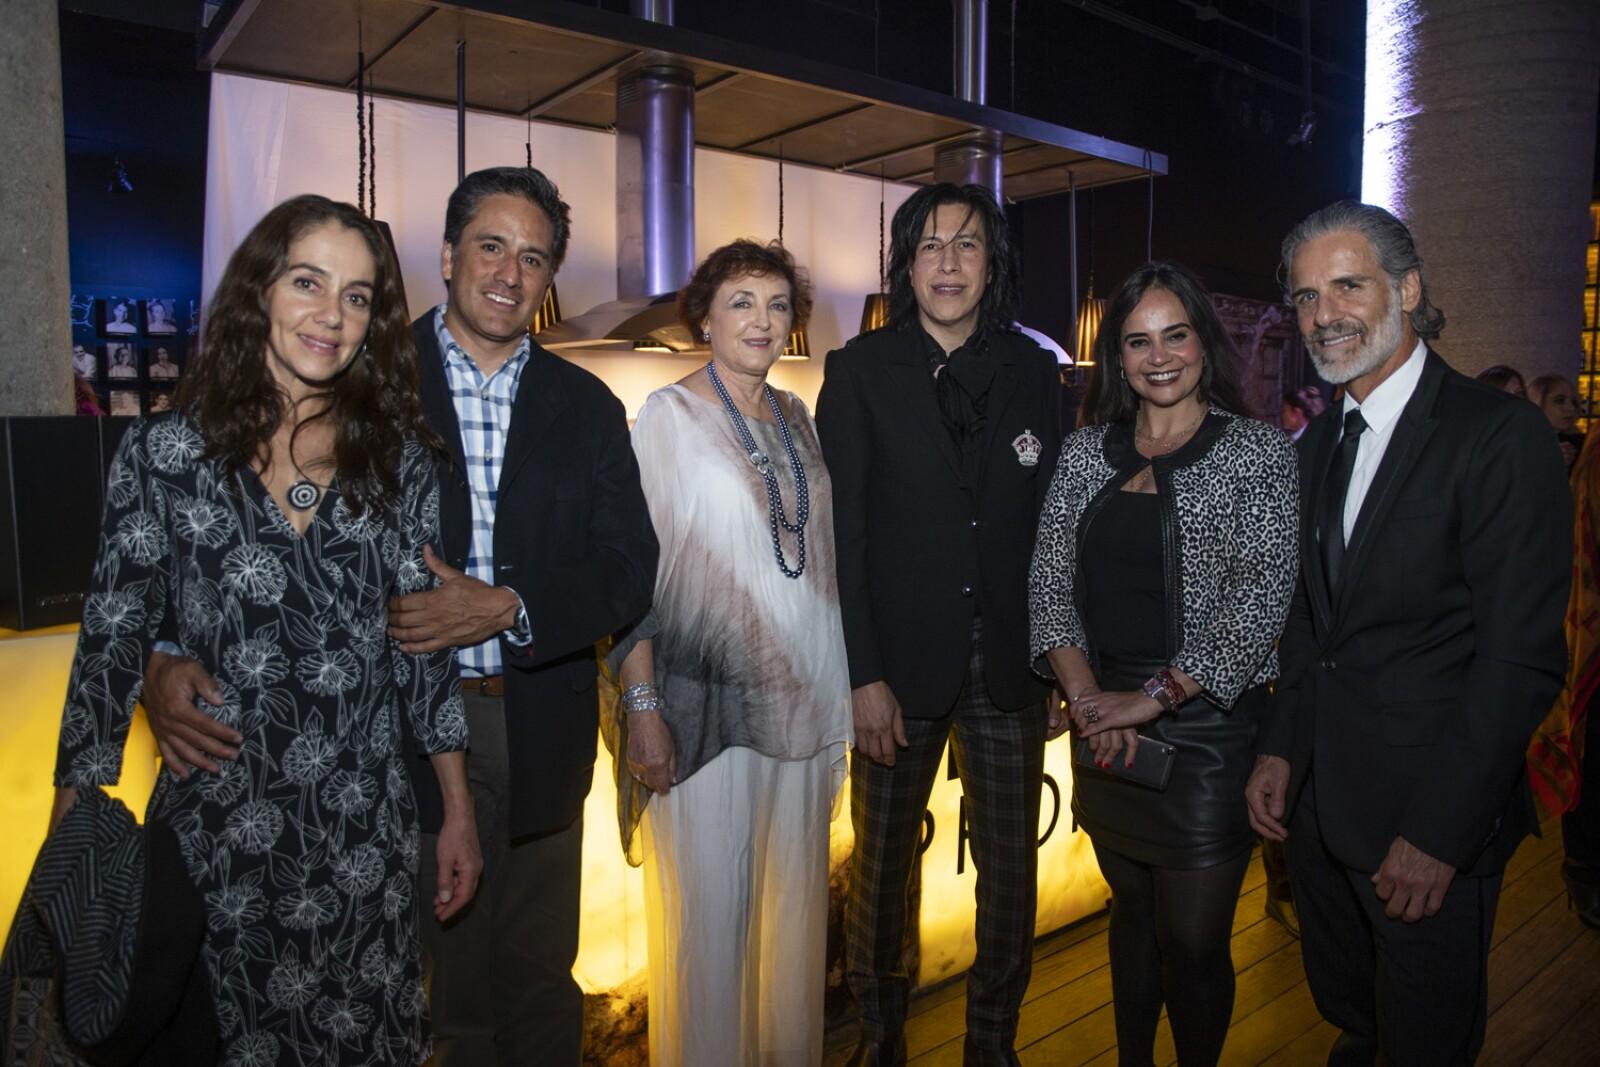 Rocio Boneta, Jorge Obregon, Veronica Solorzano, Miguel Millo, Maribel Lopez Zermeño, Carlos Bisdikian.jpg